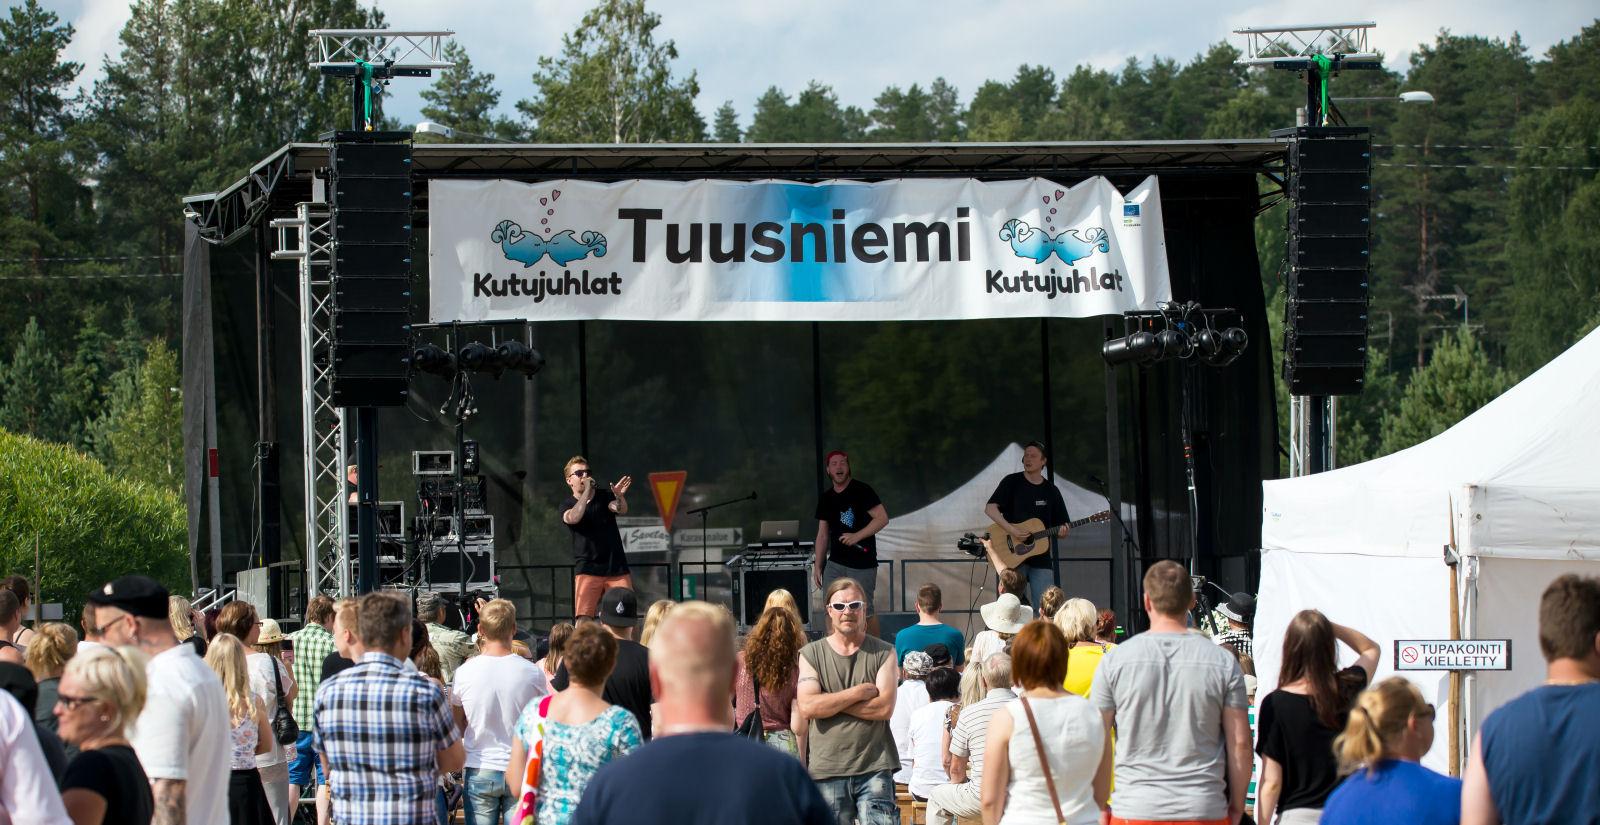 KUTUJUHLAT TUUSNIEMELLÄ 14.-15.7.2017